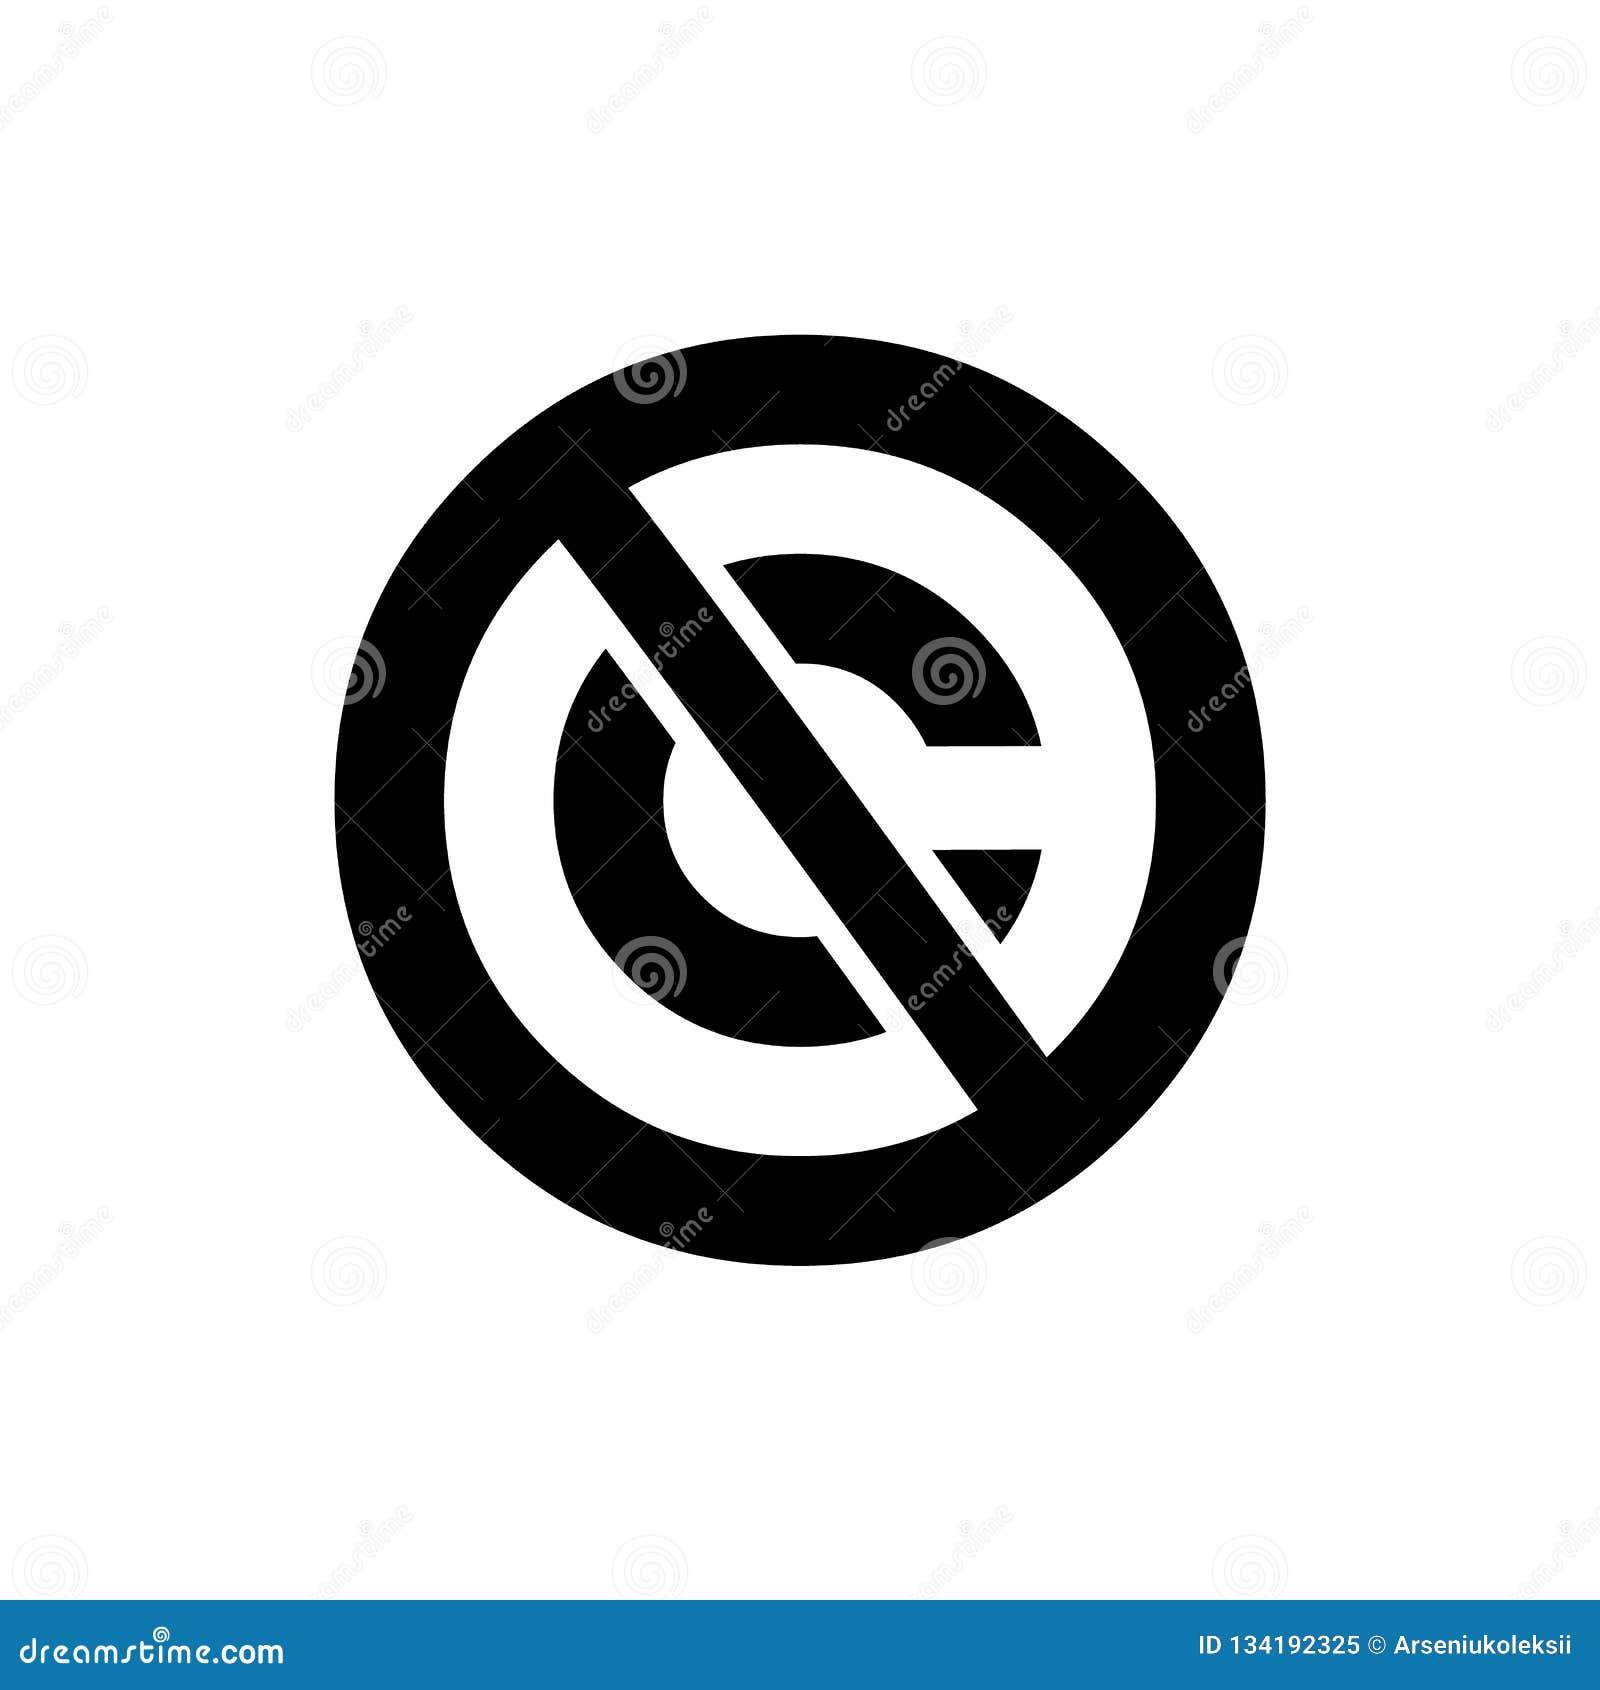 Icono circular del public domain Hacia fuera cruzada muestra de la marca registrada de la letra de C